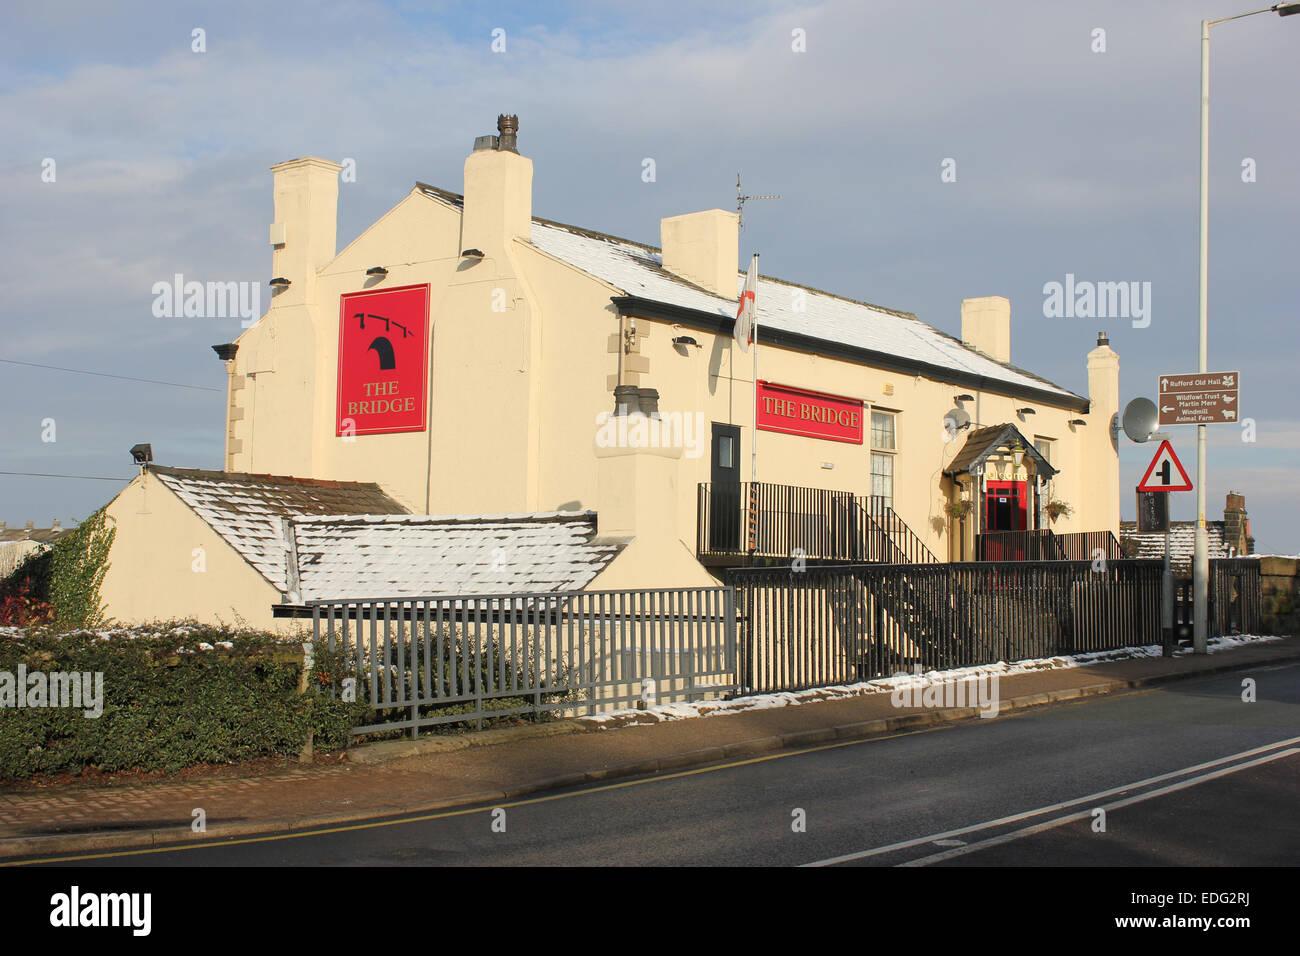 The Bridge pub in Burscough Bridge, West Lancashire. - Stock Image